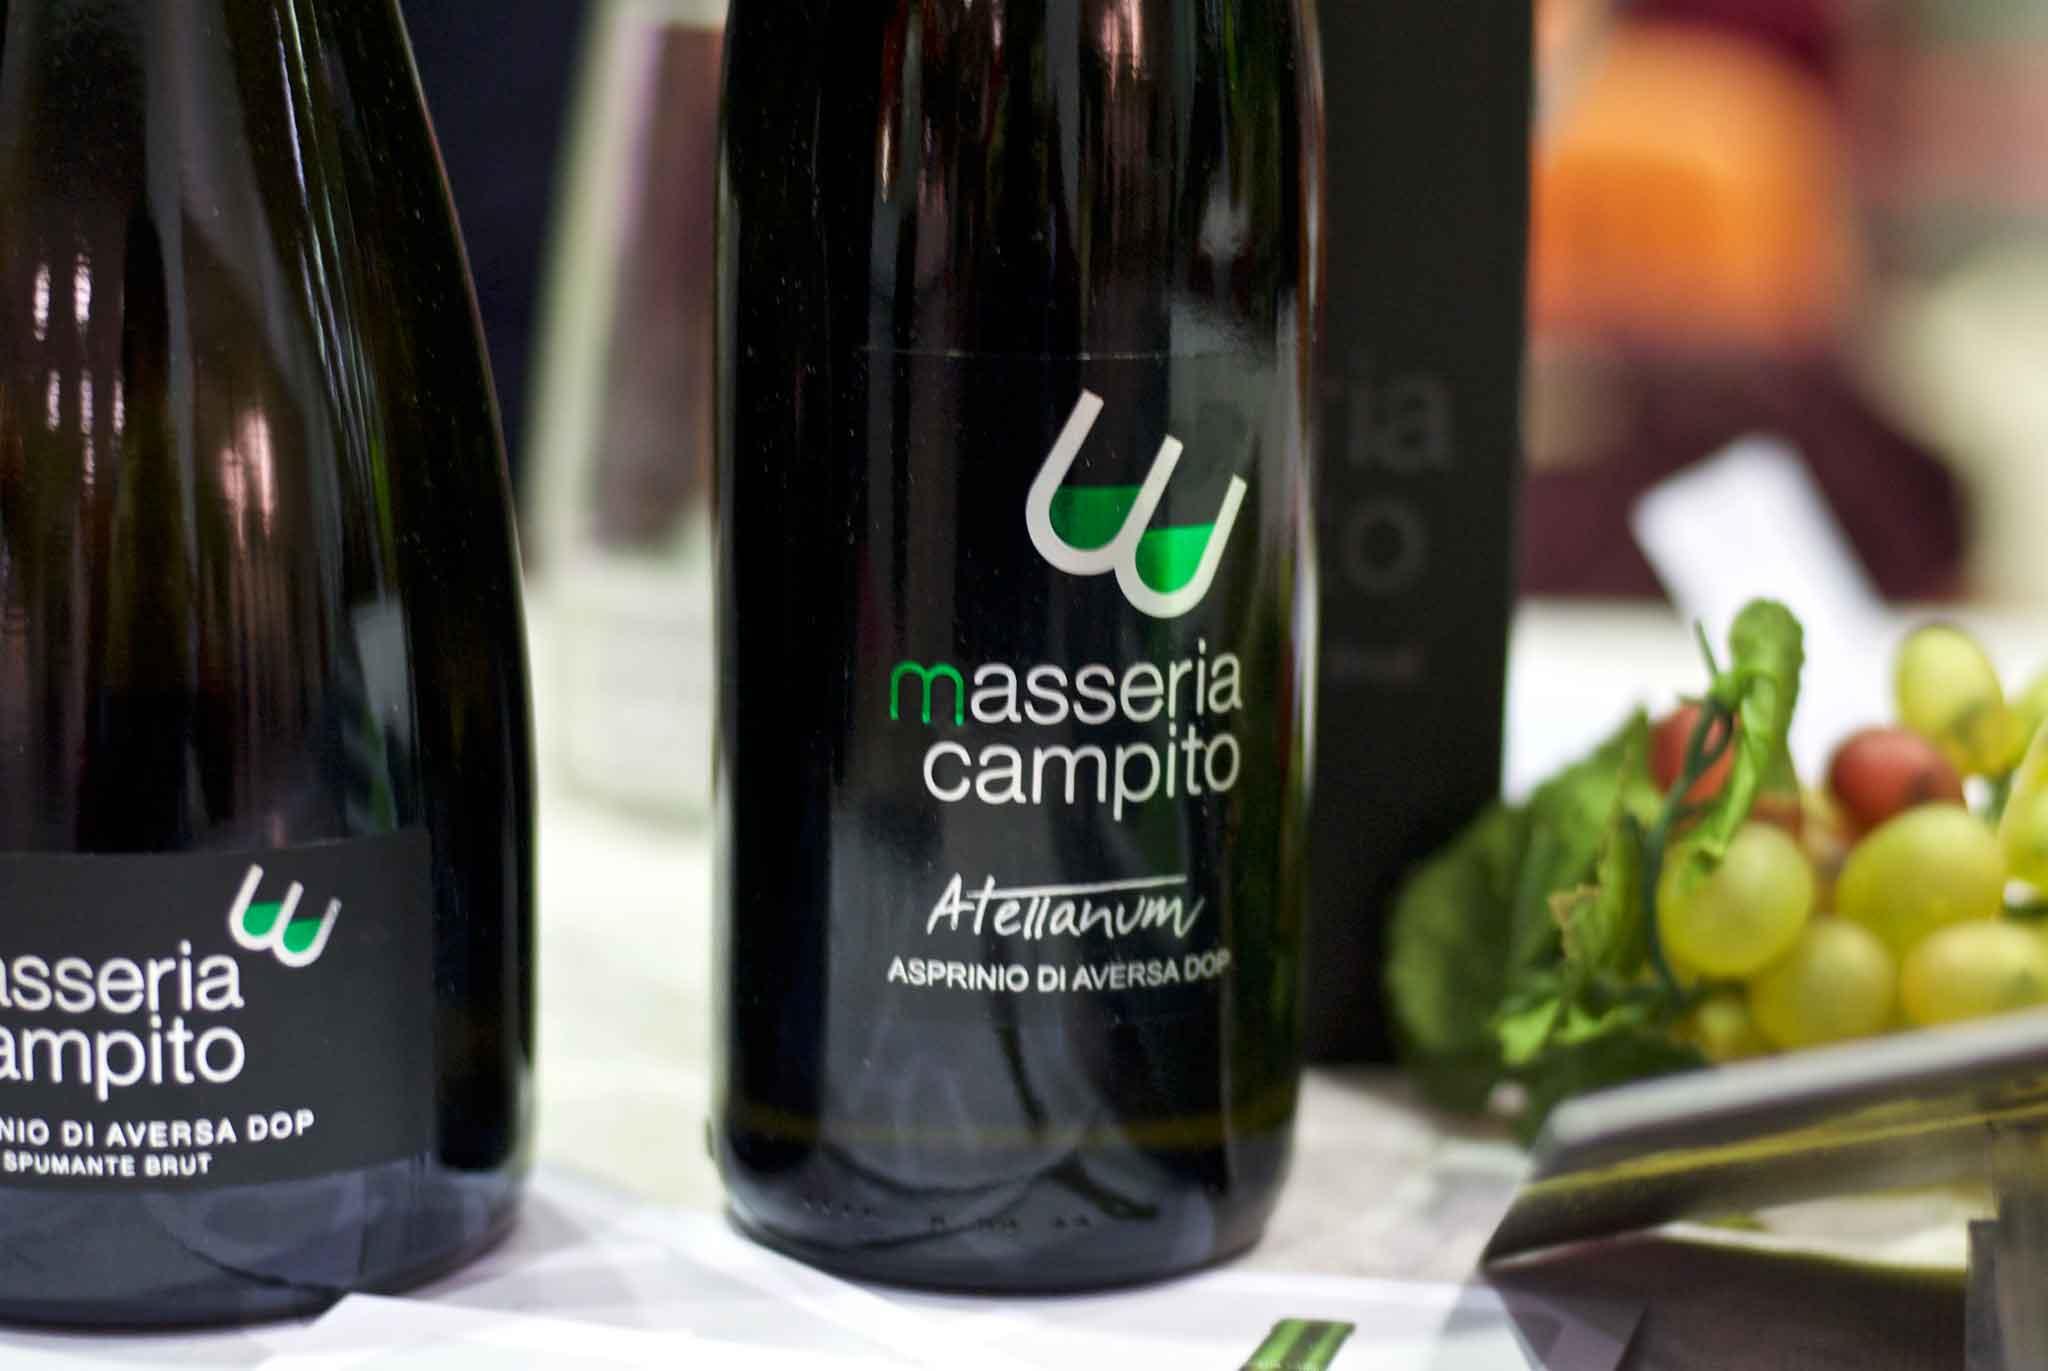 Masseria Campito vini